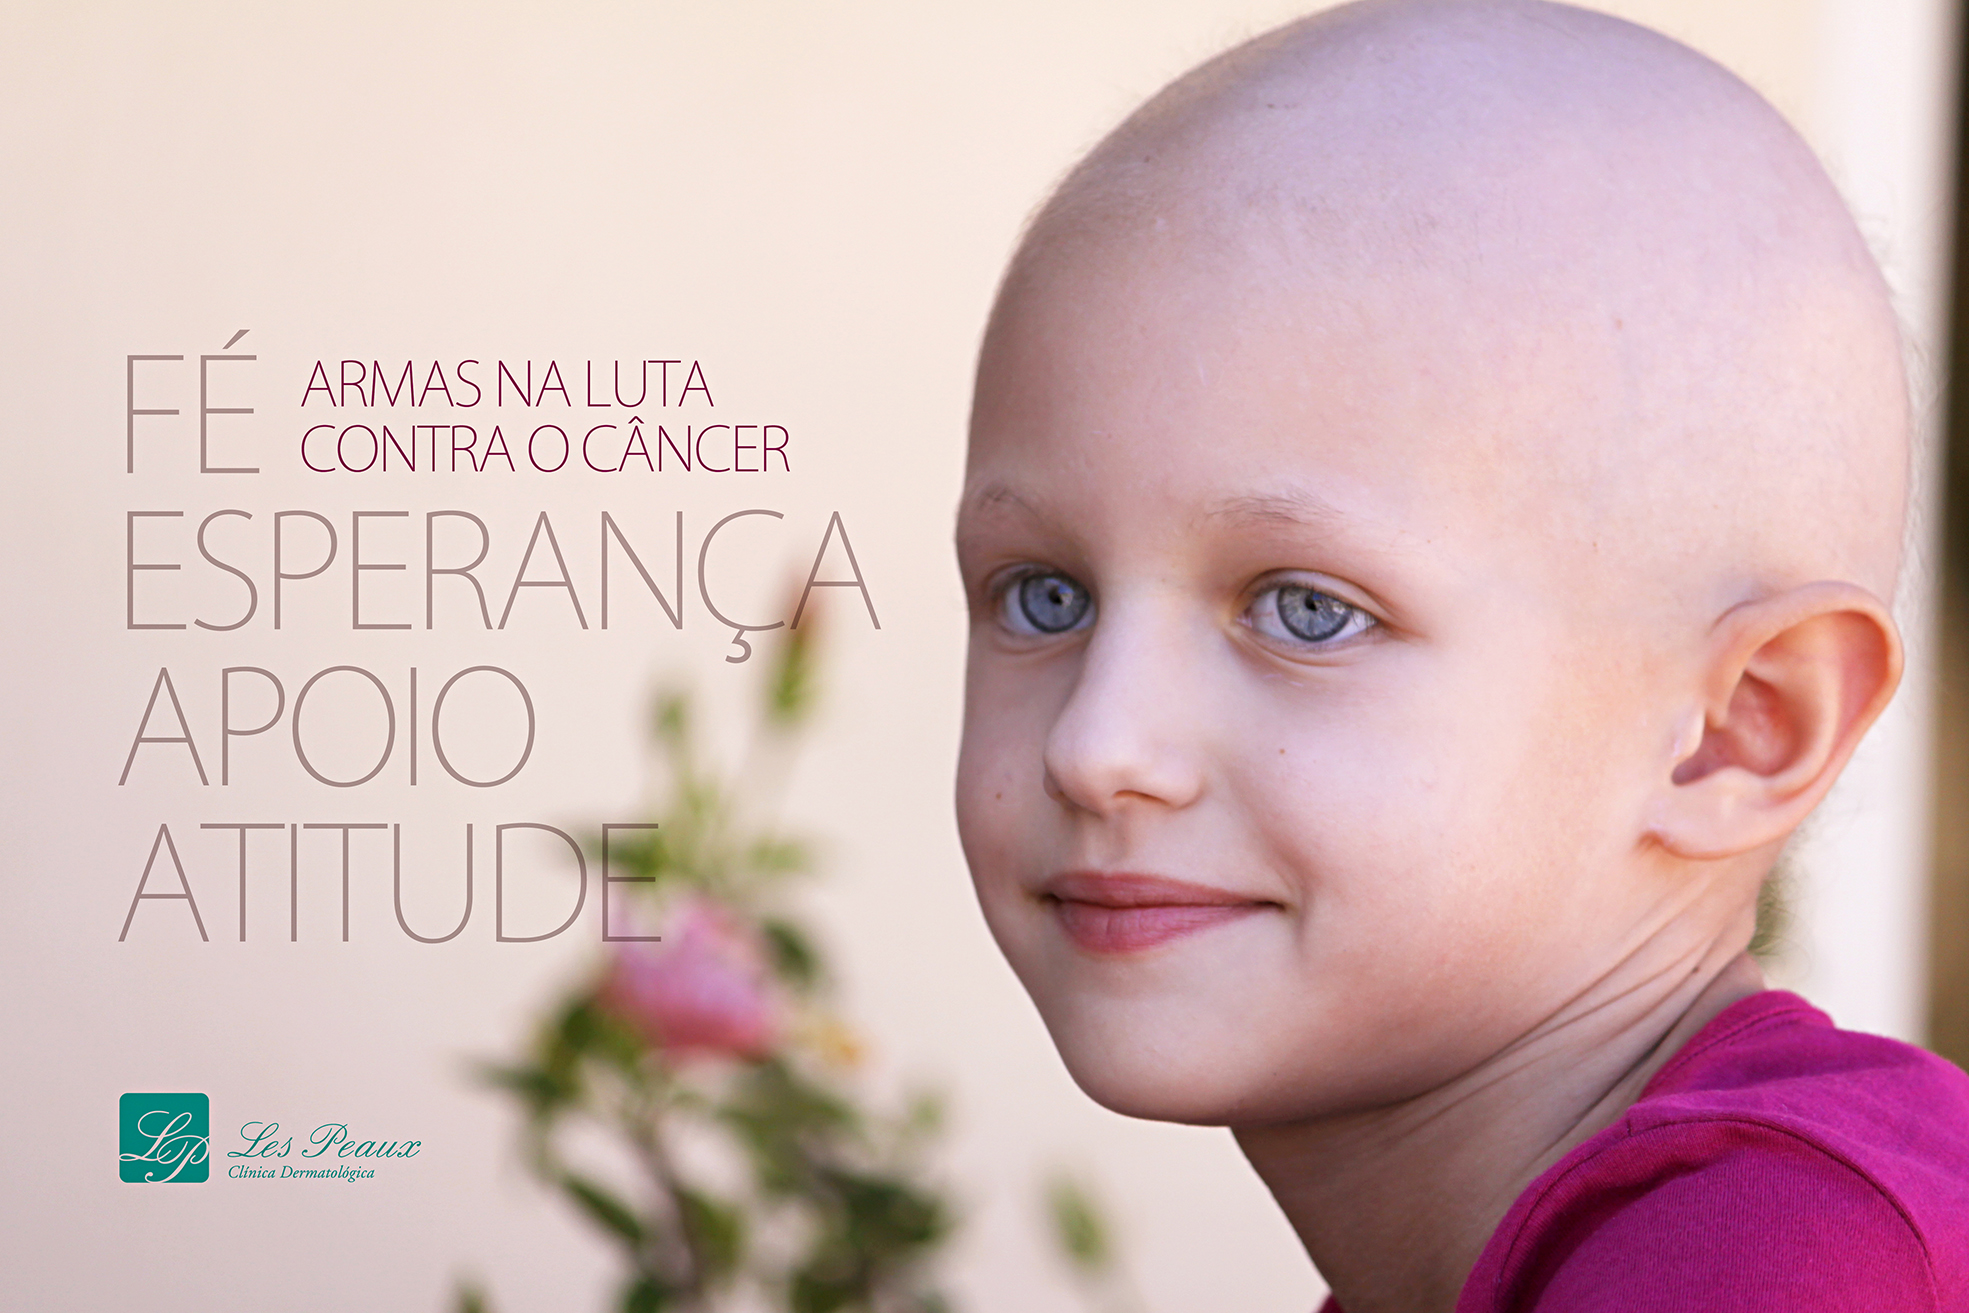 A cada ano, o câncer provoca cerca de 8 milhões de mortes no mundo. Estima-se que um terço dessas mortes poderia ter sido evitado com mais prevenção, detecção precoce e acesso aos tratamentos existentes.